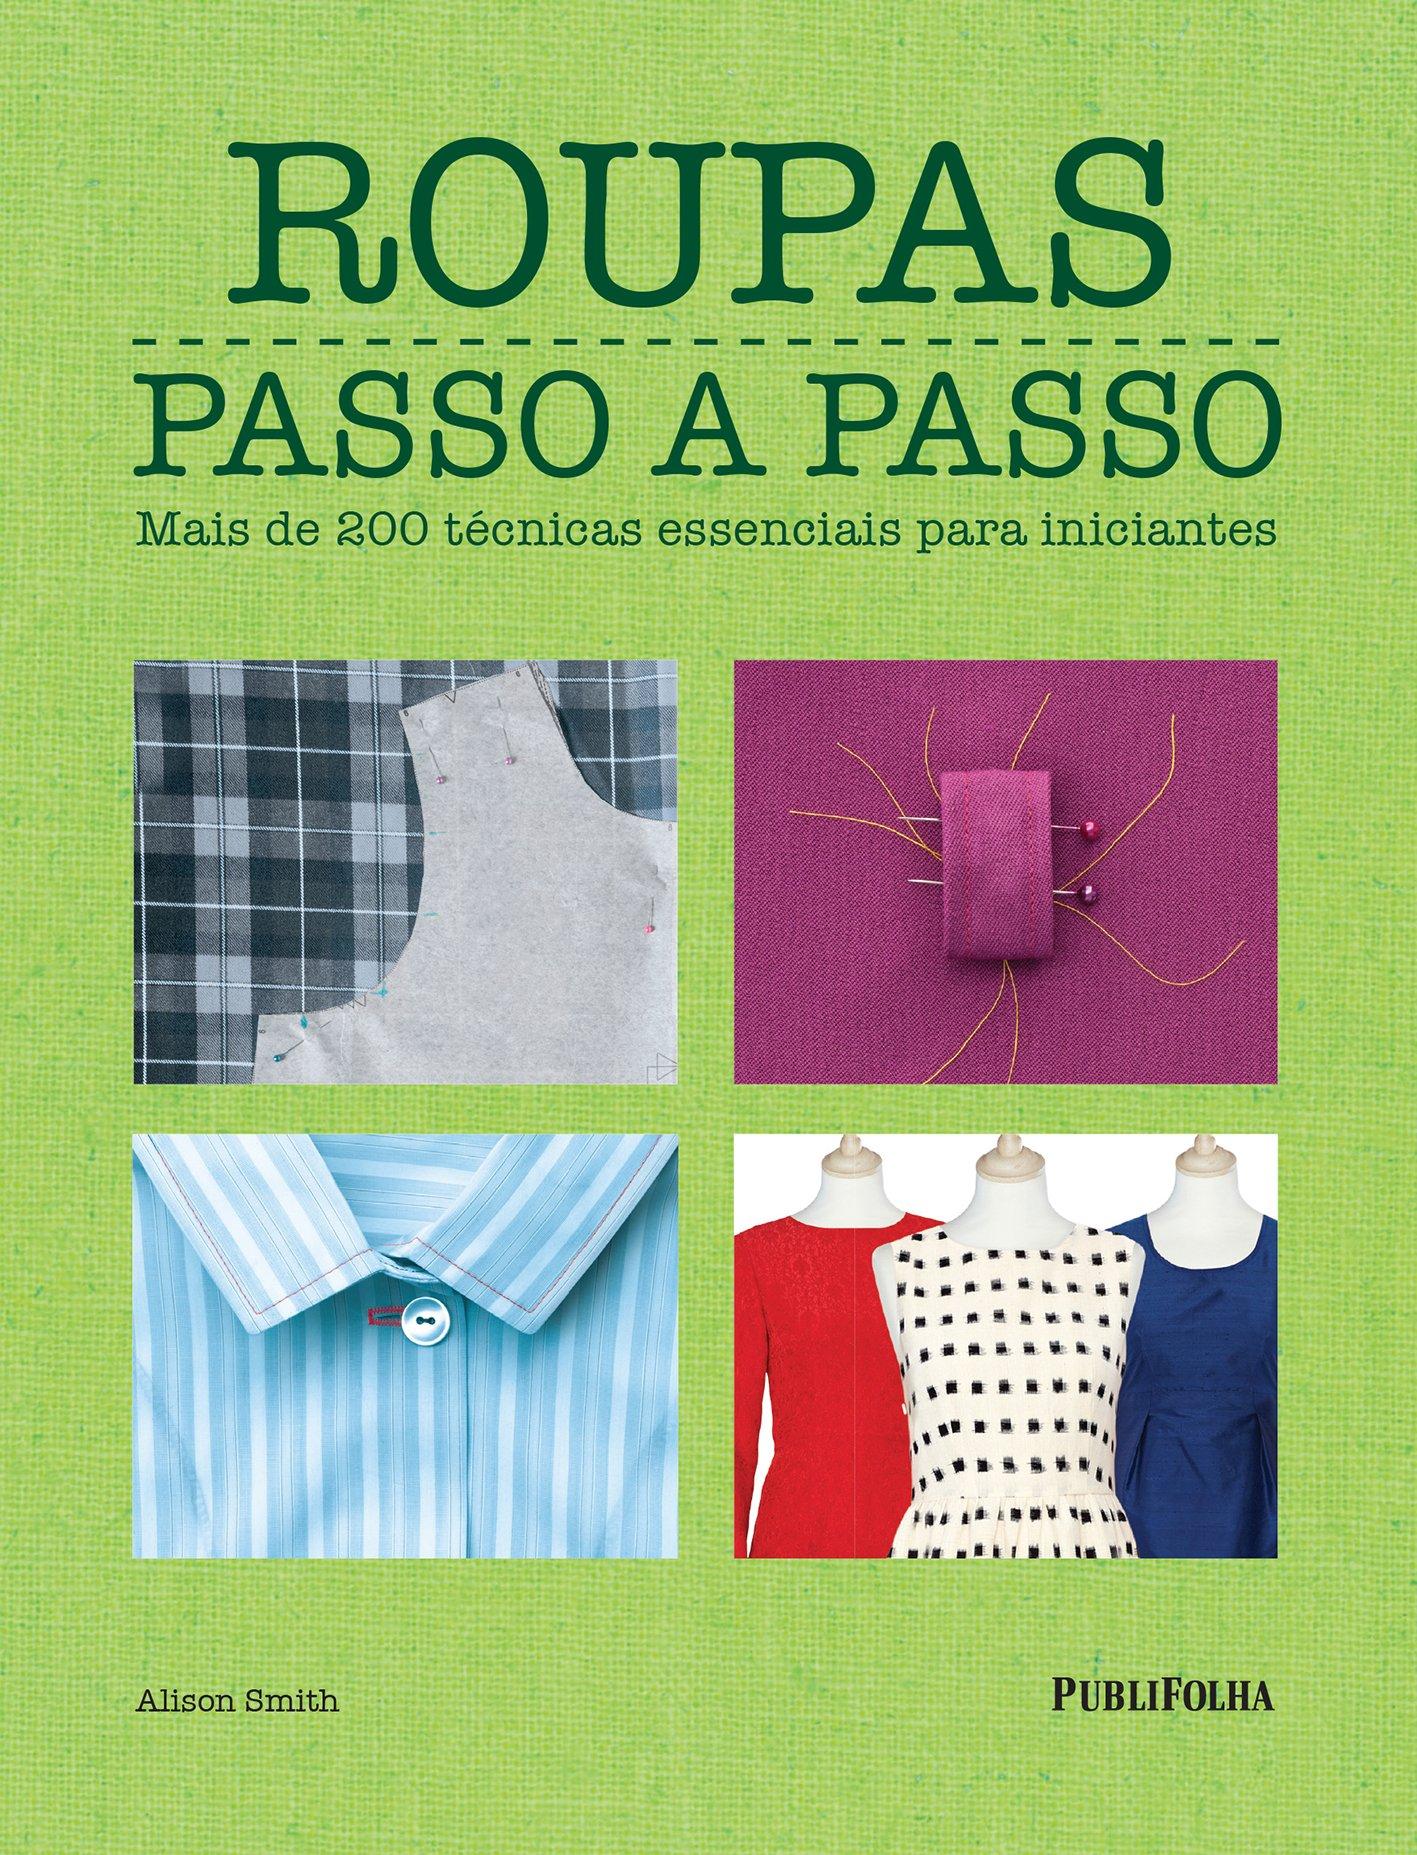 Roupas Passo a Passo (Em Portuguese do Brasil): Alison Smith: 9788568684092: Amazon.com: Books